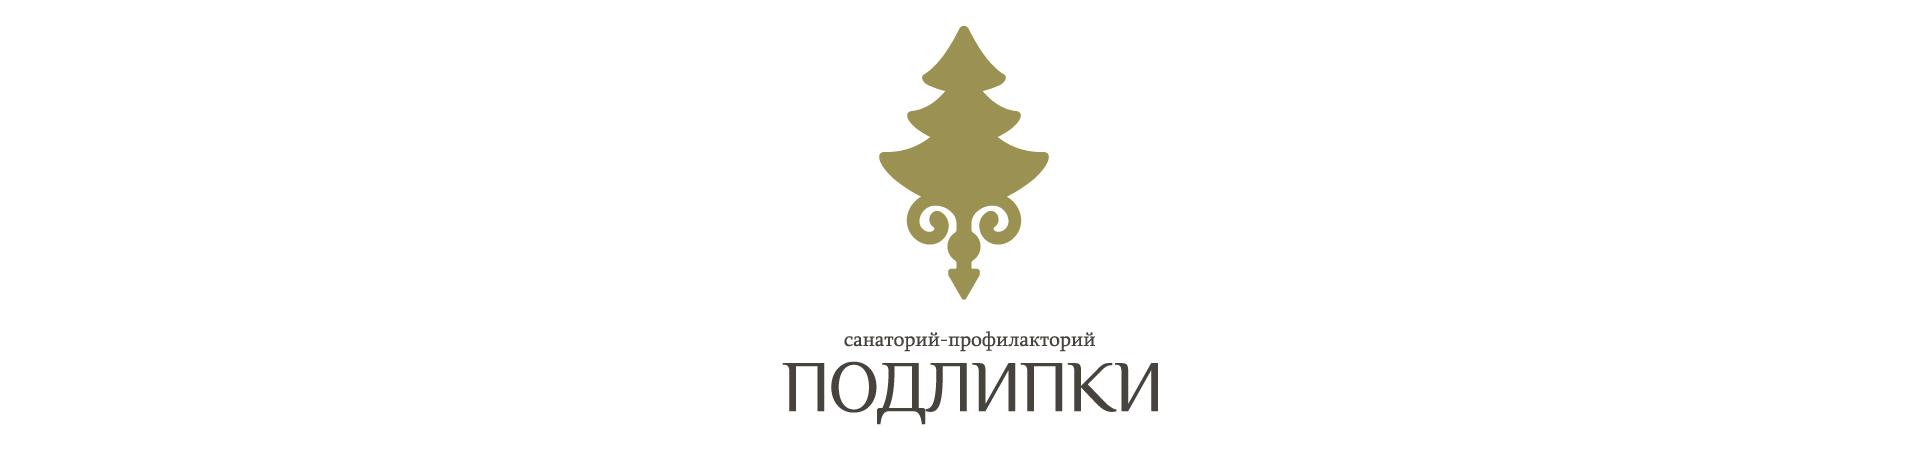 logotype-san-pro